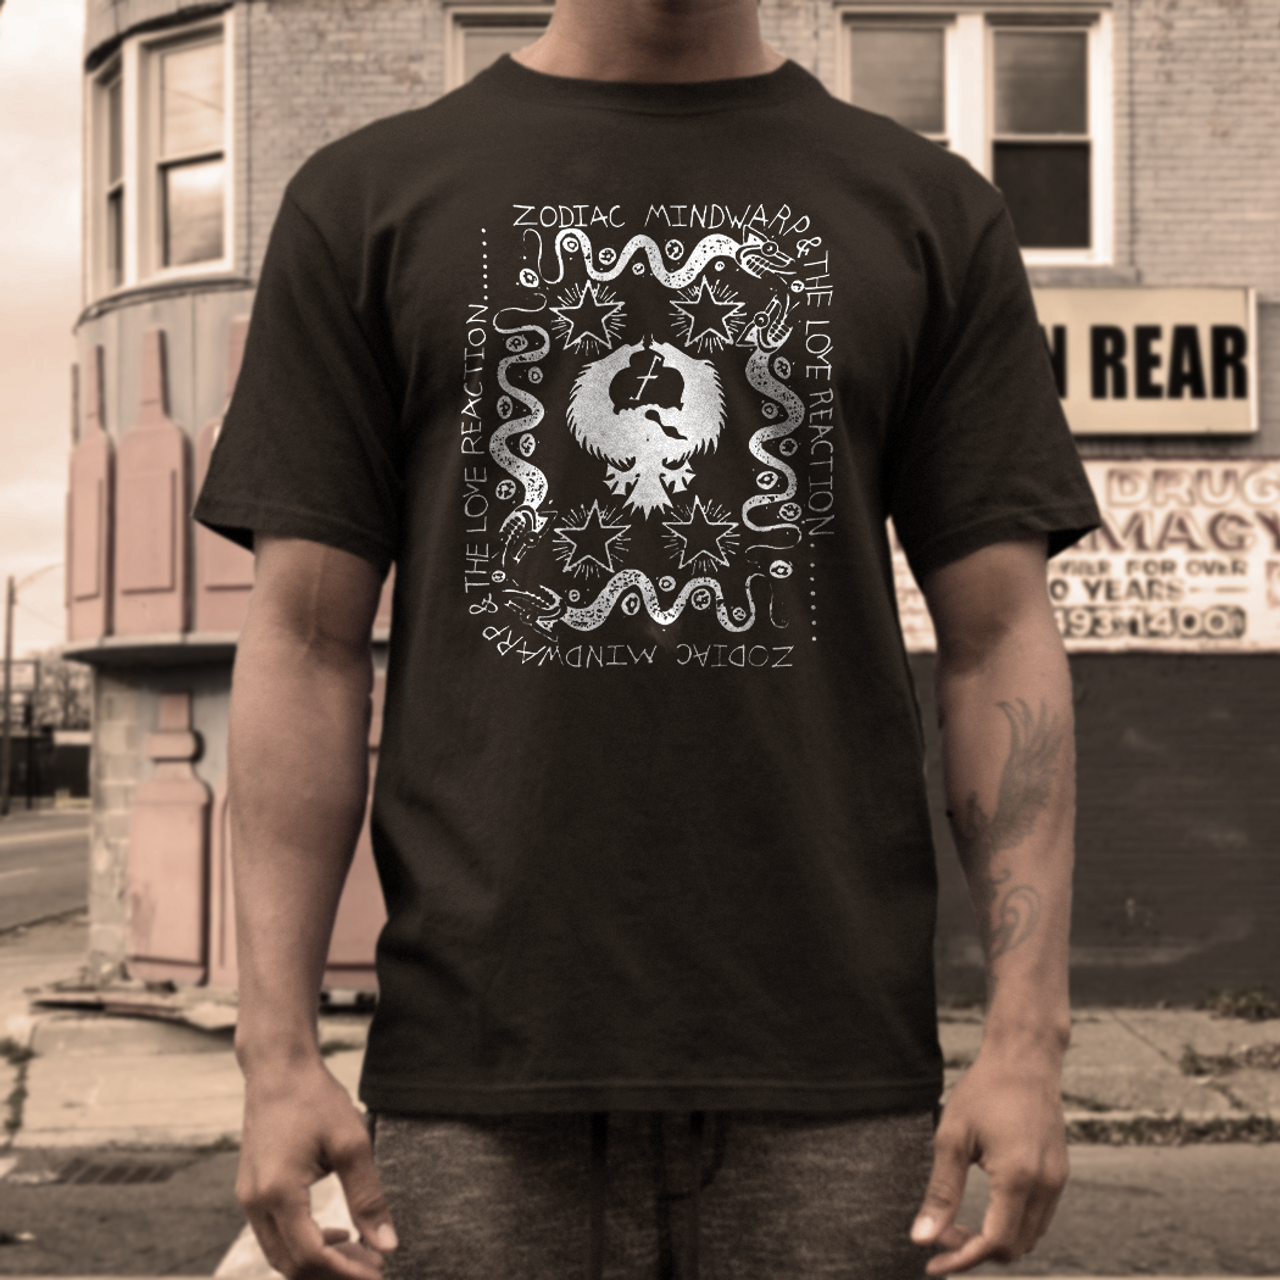 Zodiac Mindwarp band t shirt